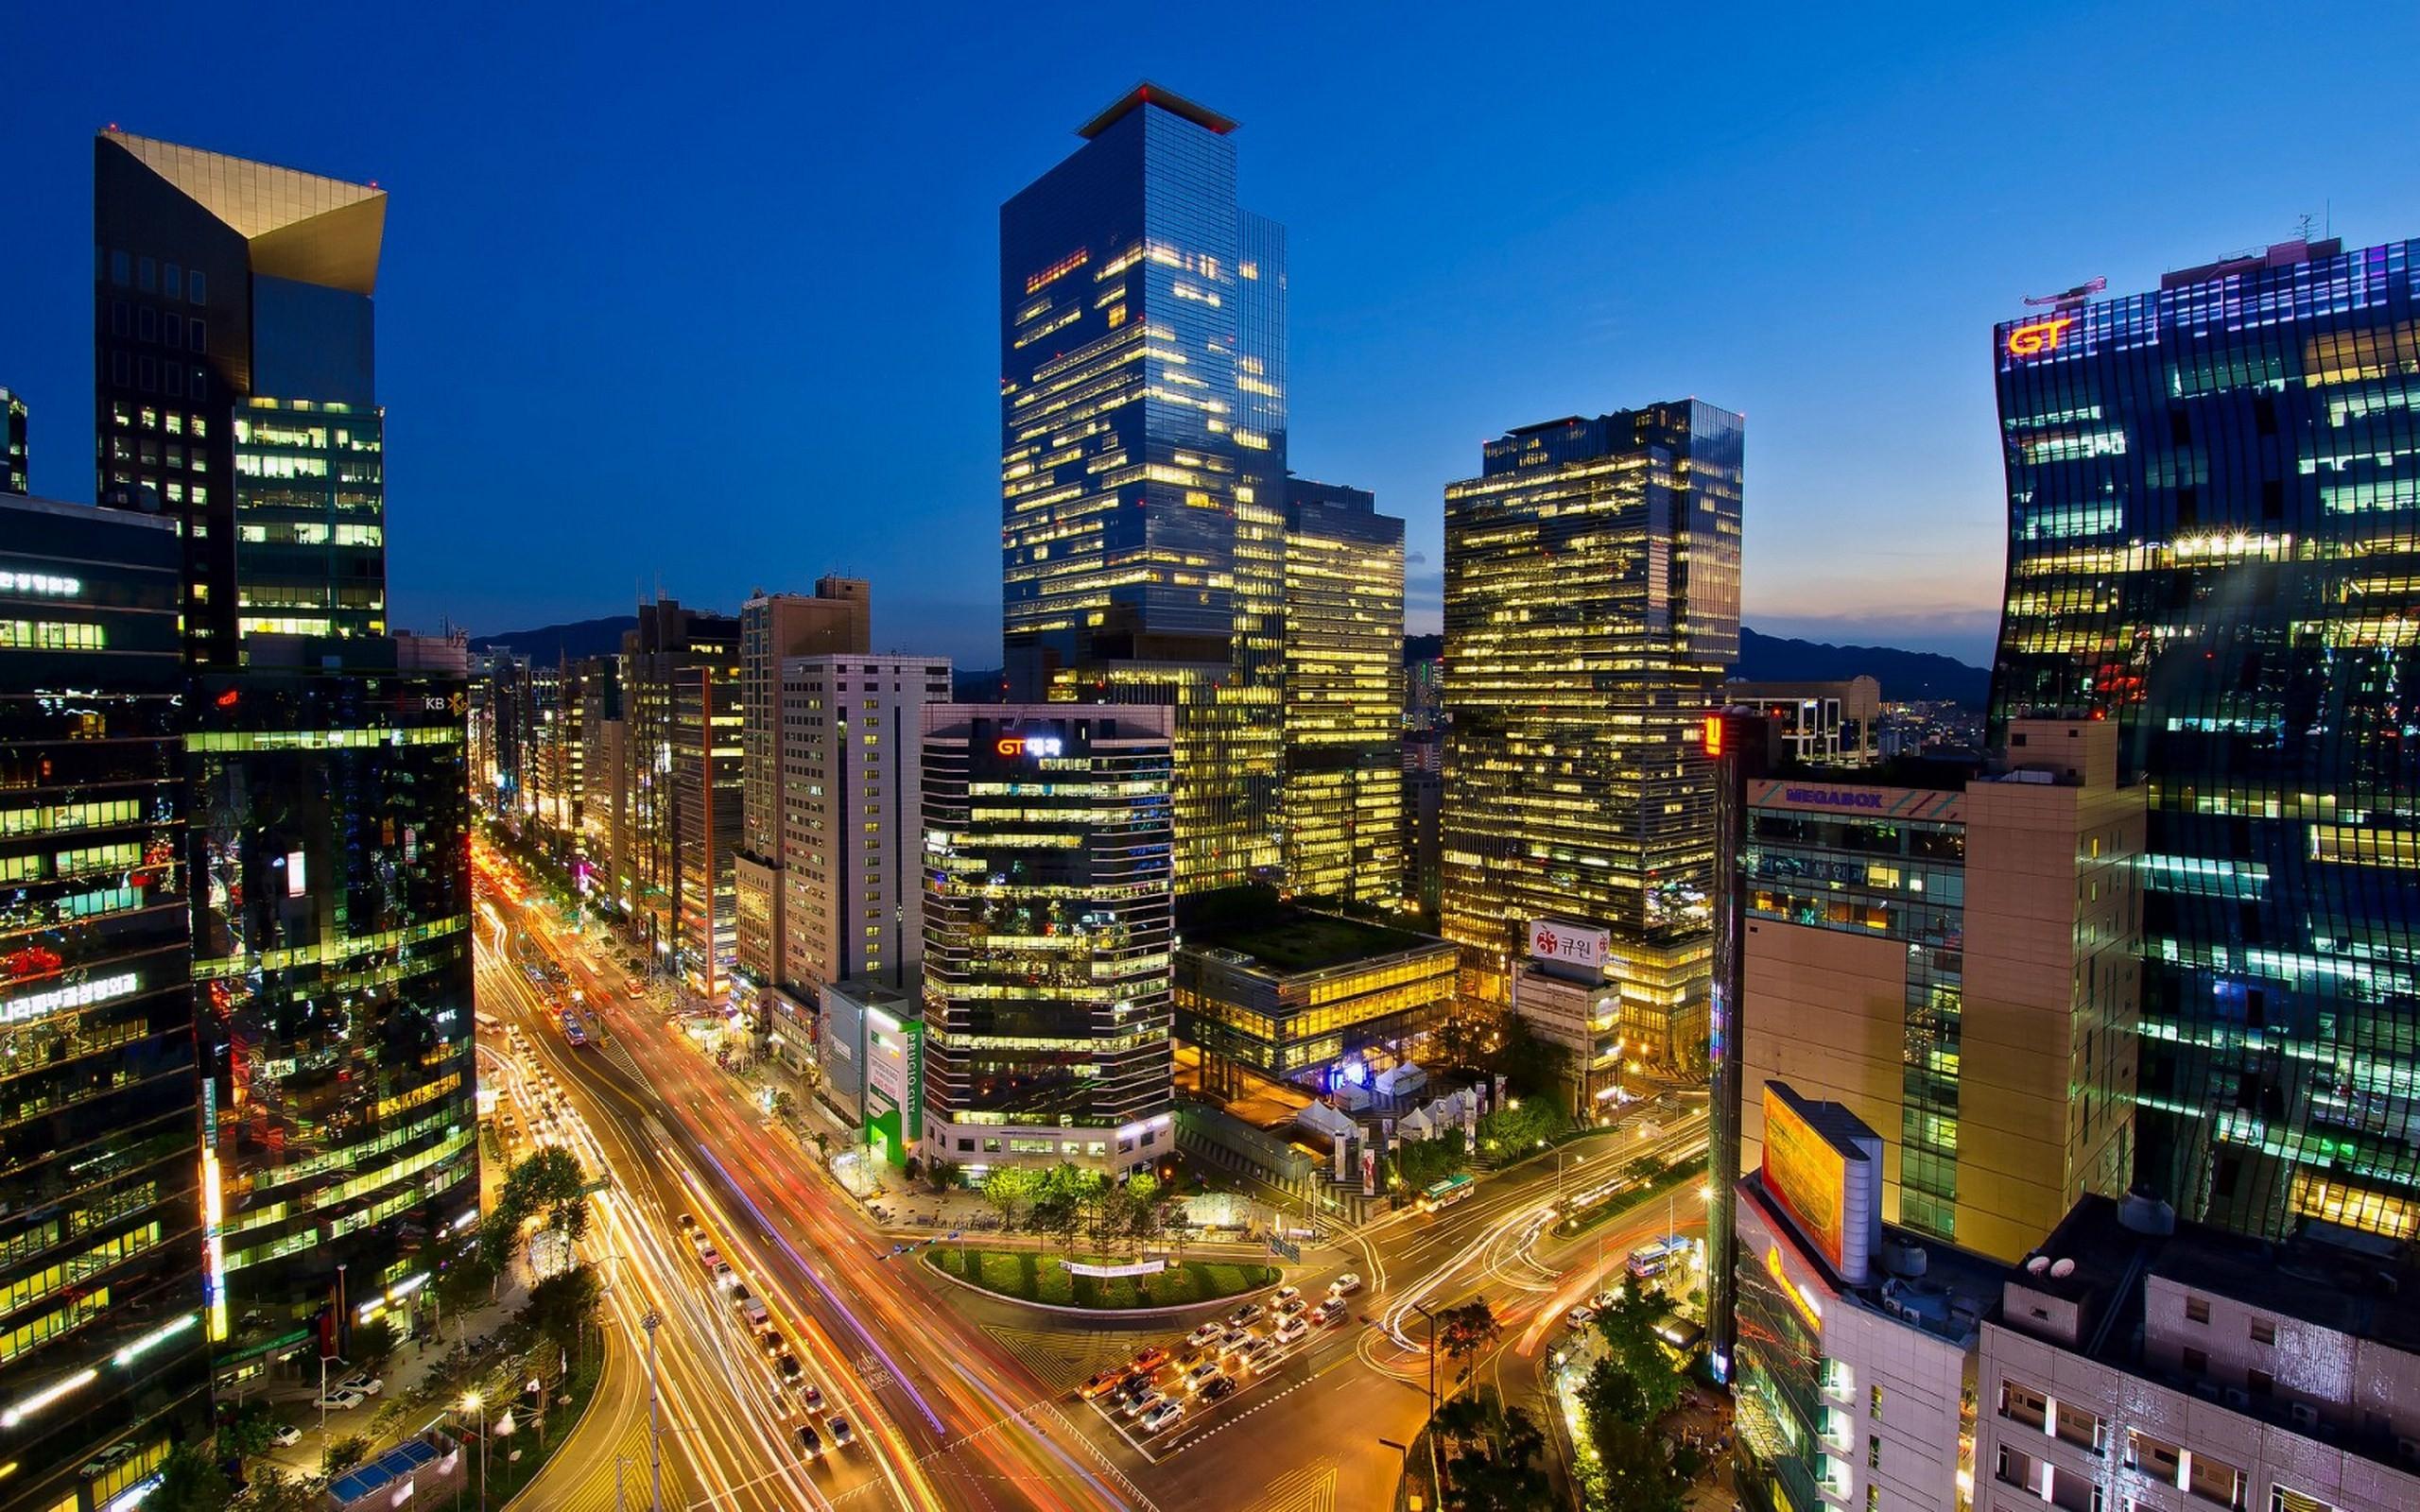 Seoul Hd Background